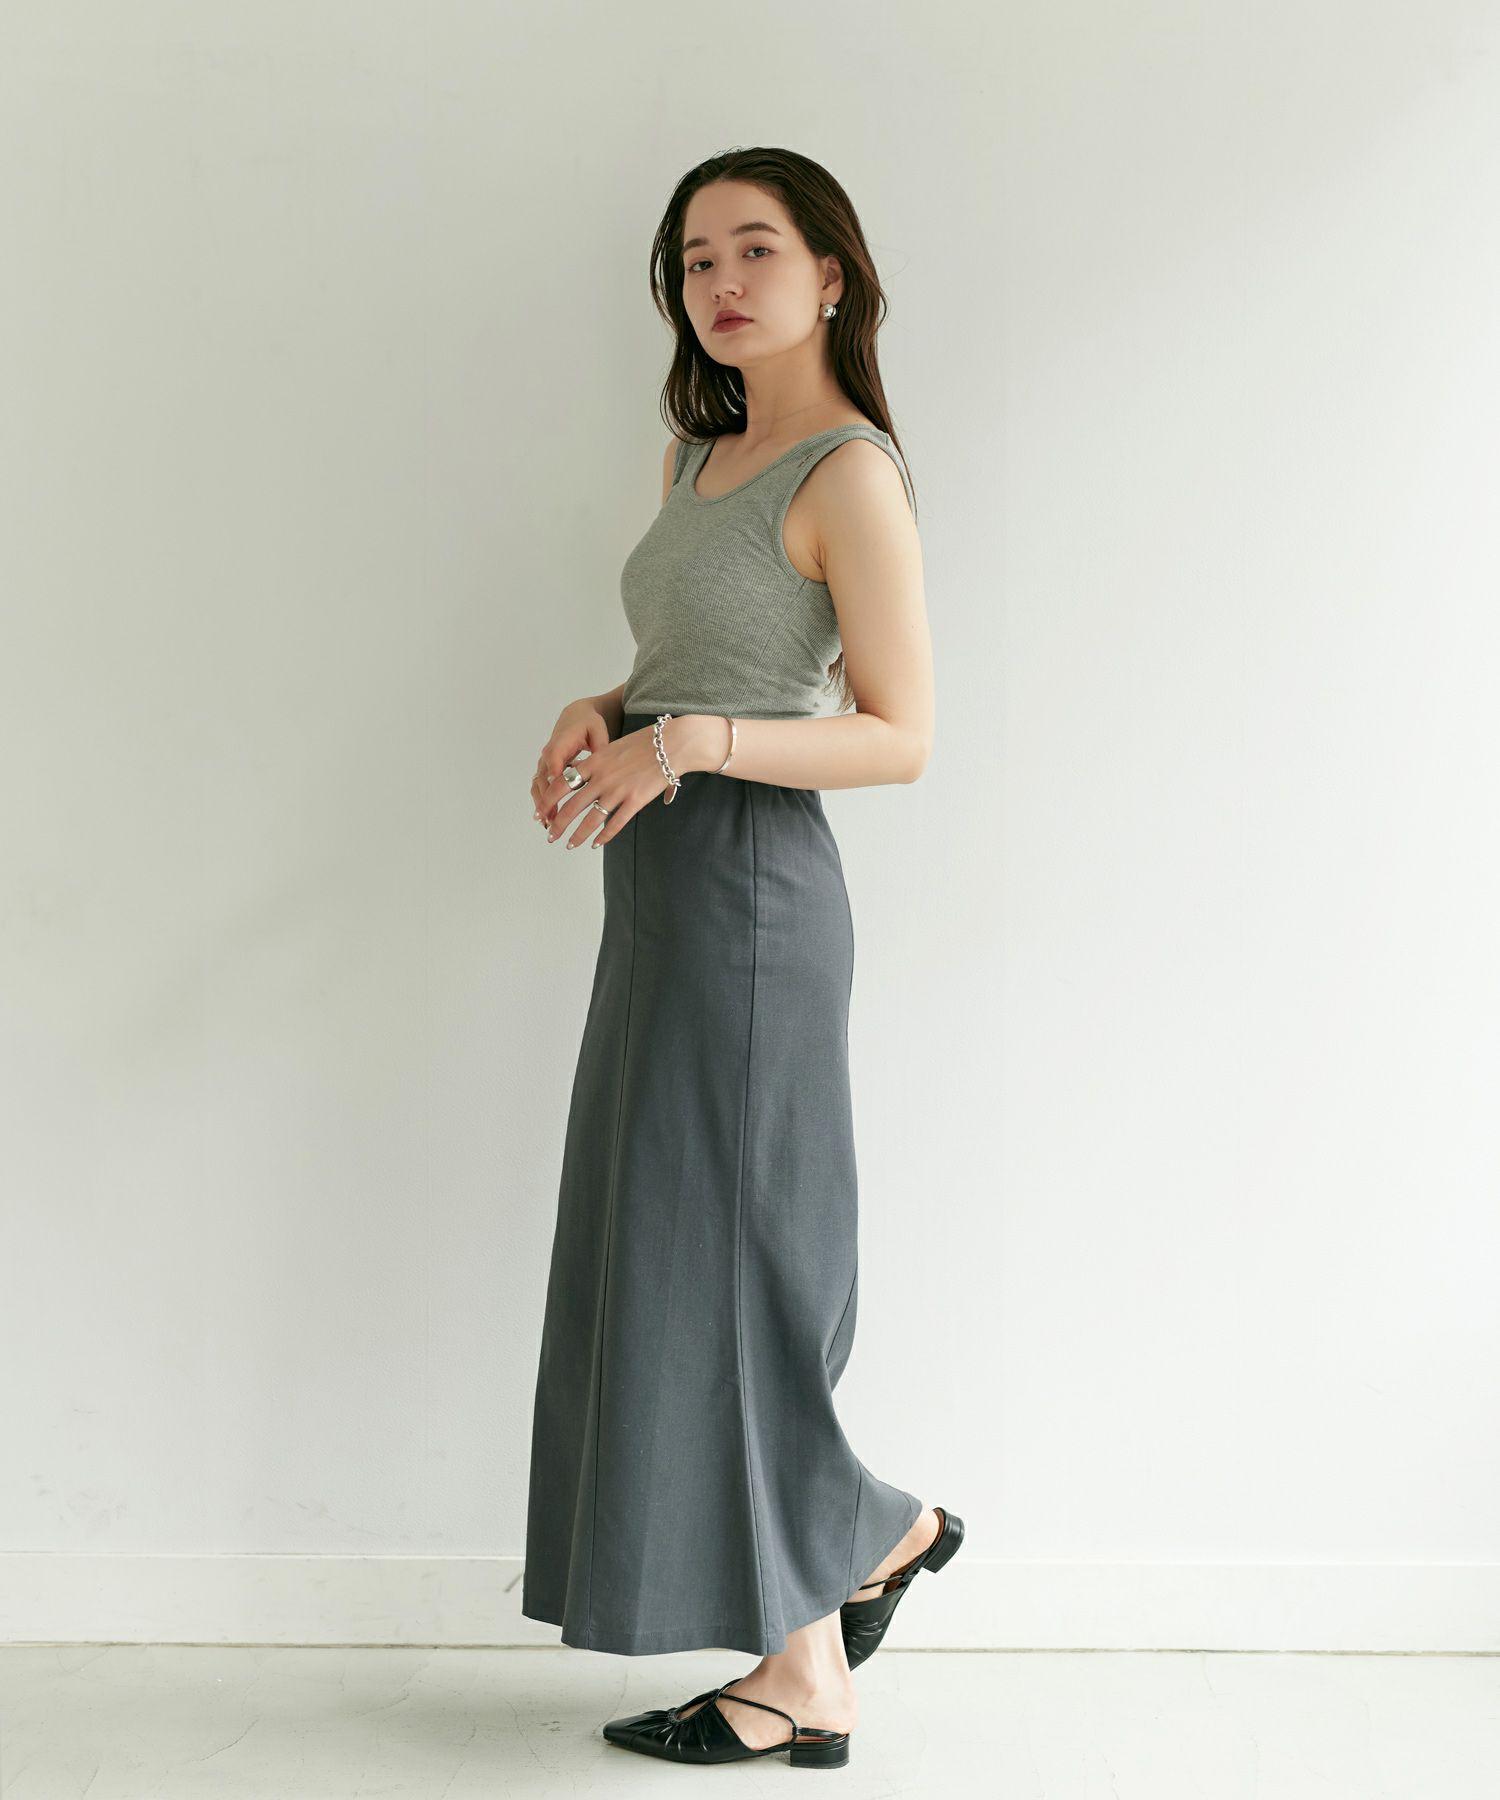 マーメイドスカート/ロングスカート/グレー/パープル